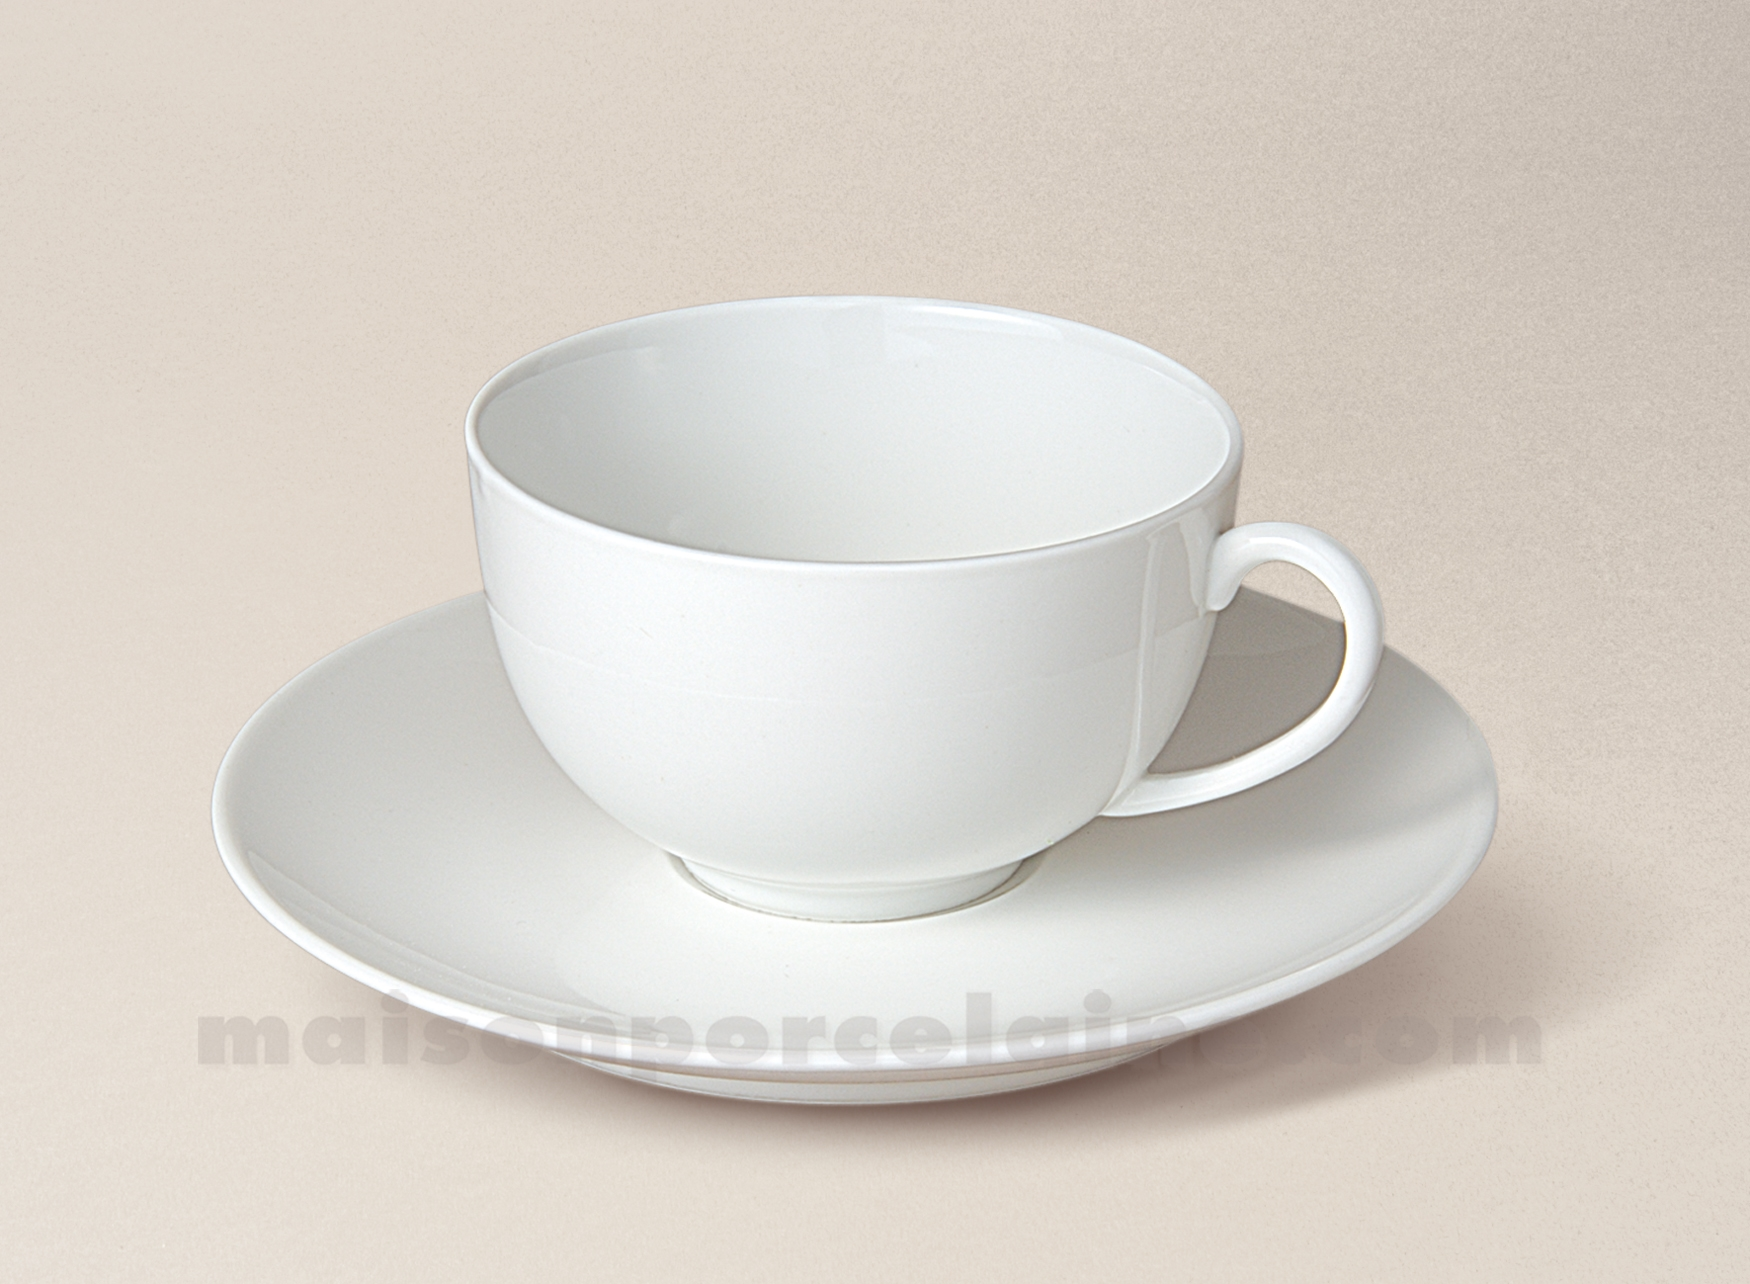 Tasse the boule soucoupe porcelaine blanche flandre 18cl - La maison de porcelaine ...